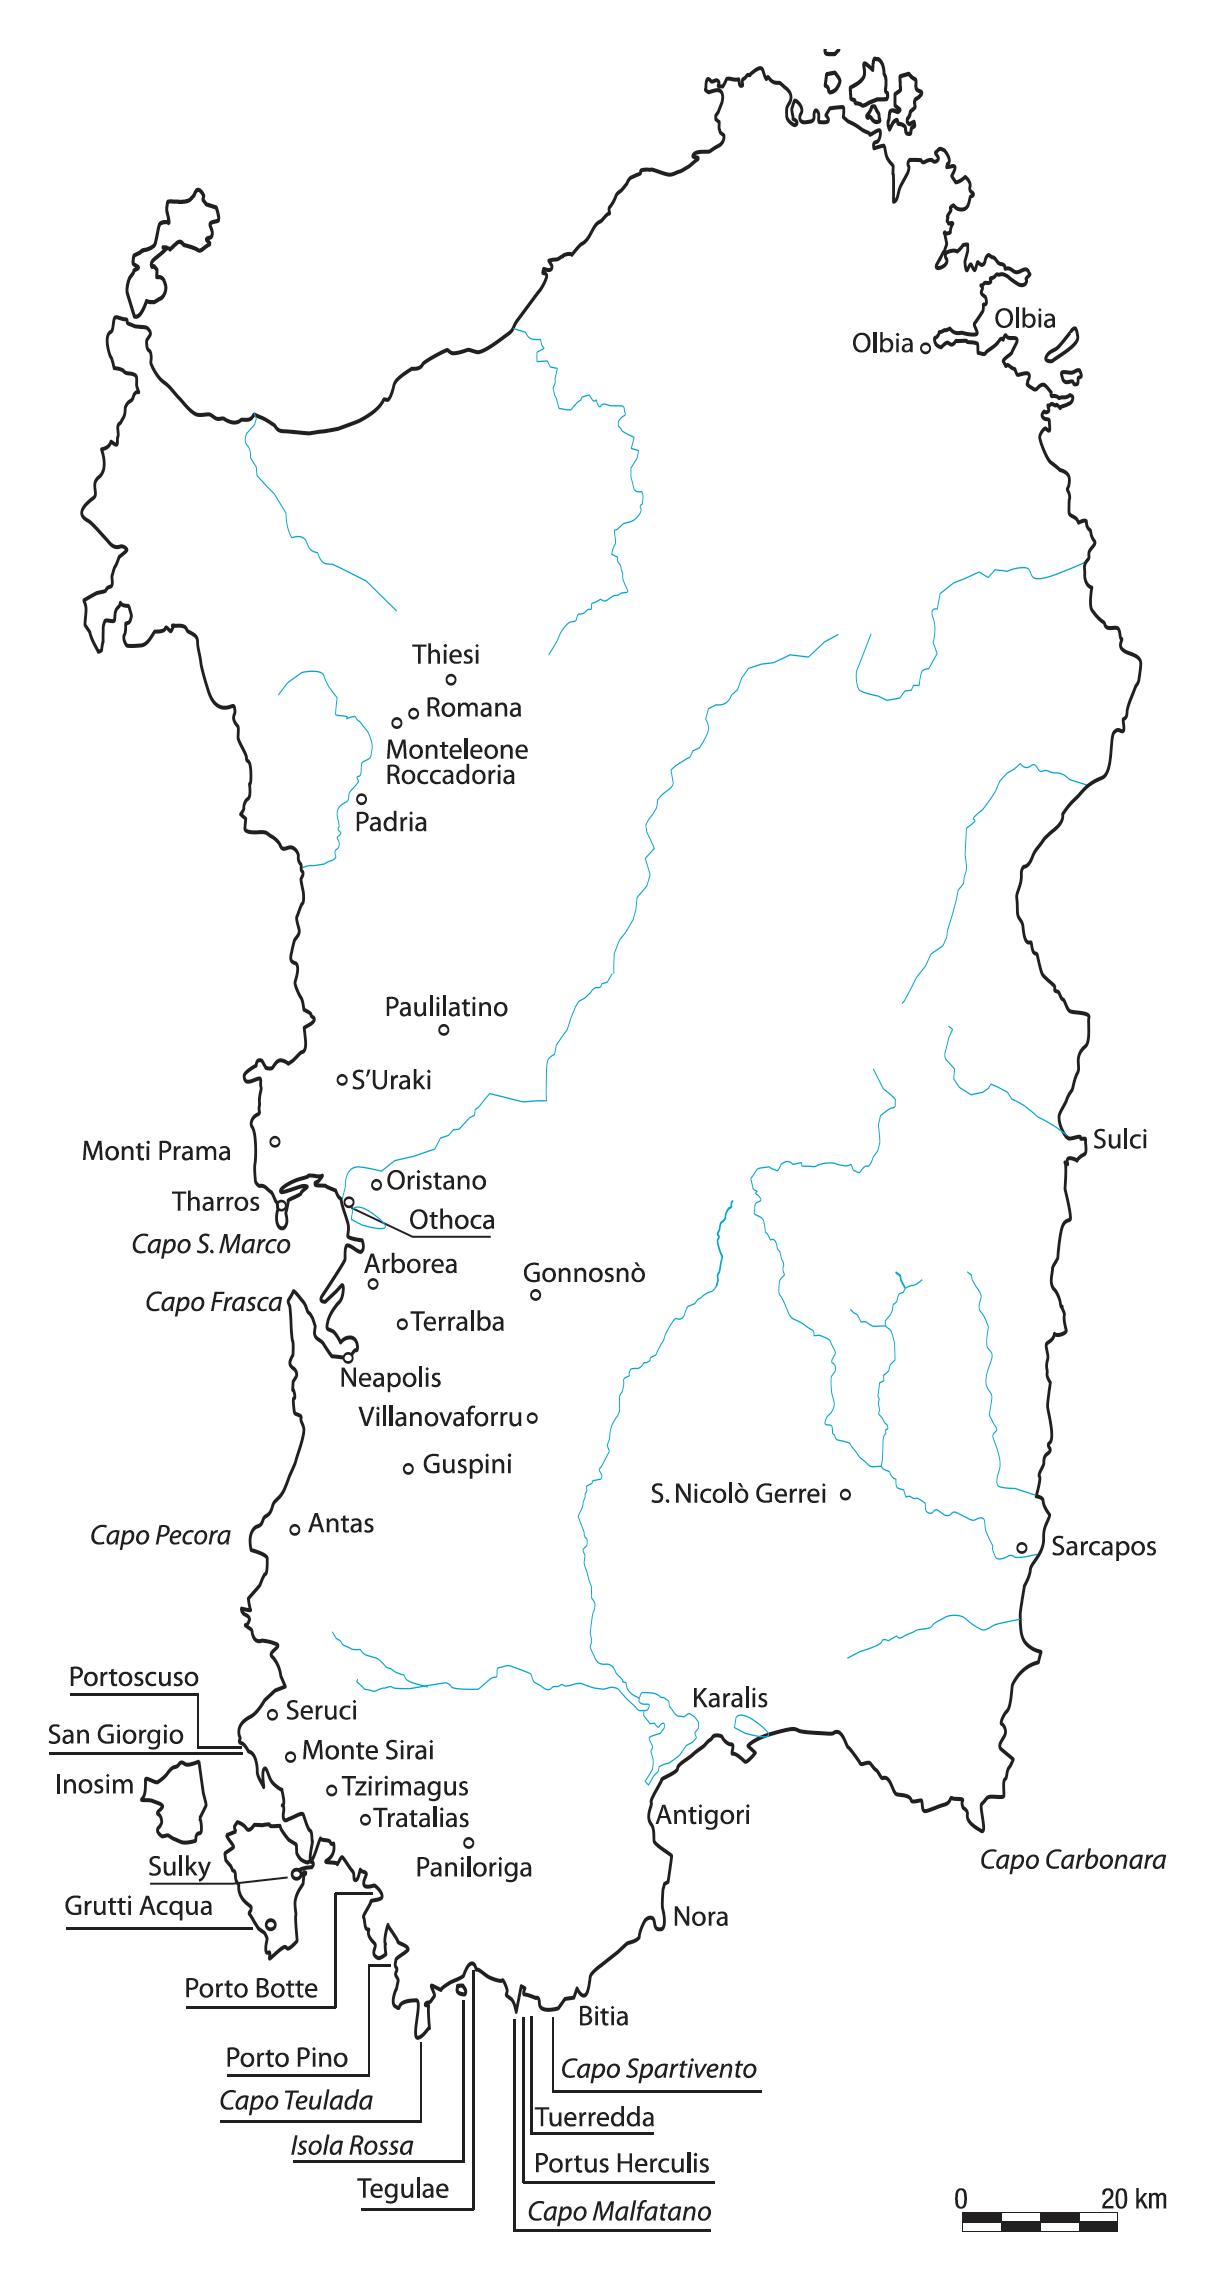 Cartina Sardegna Turistica.File Sardegna Fenicia E Punica Png Wikivoyage Guida Turistica Di Viaggio